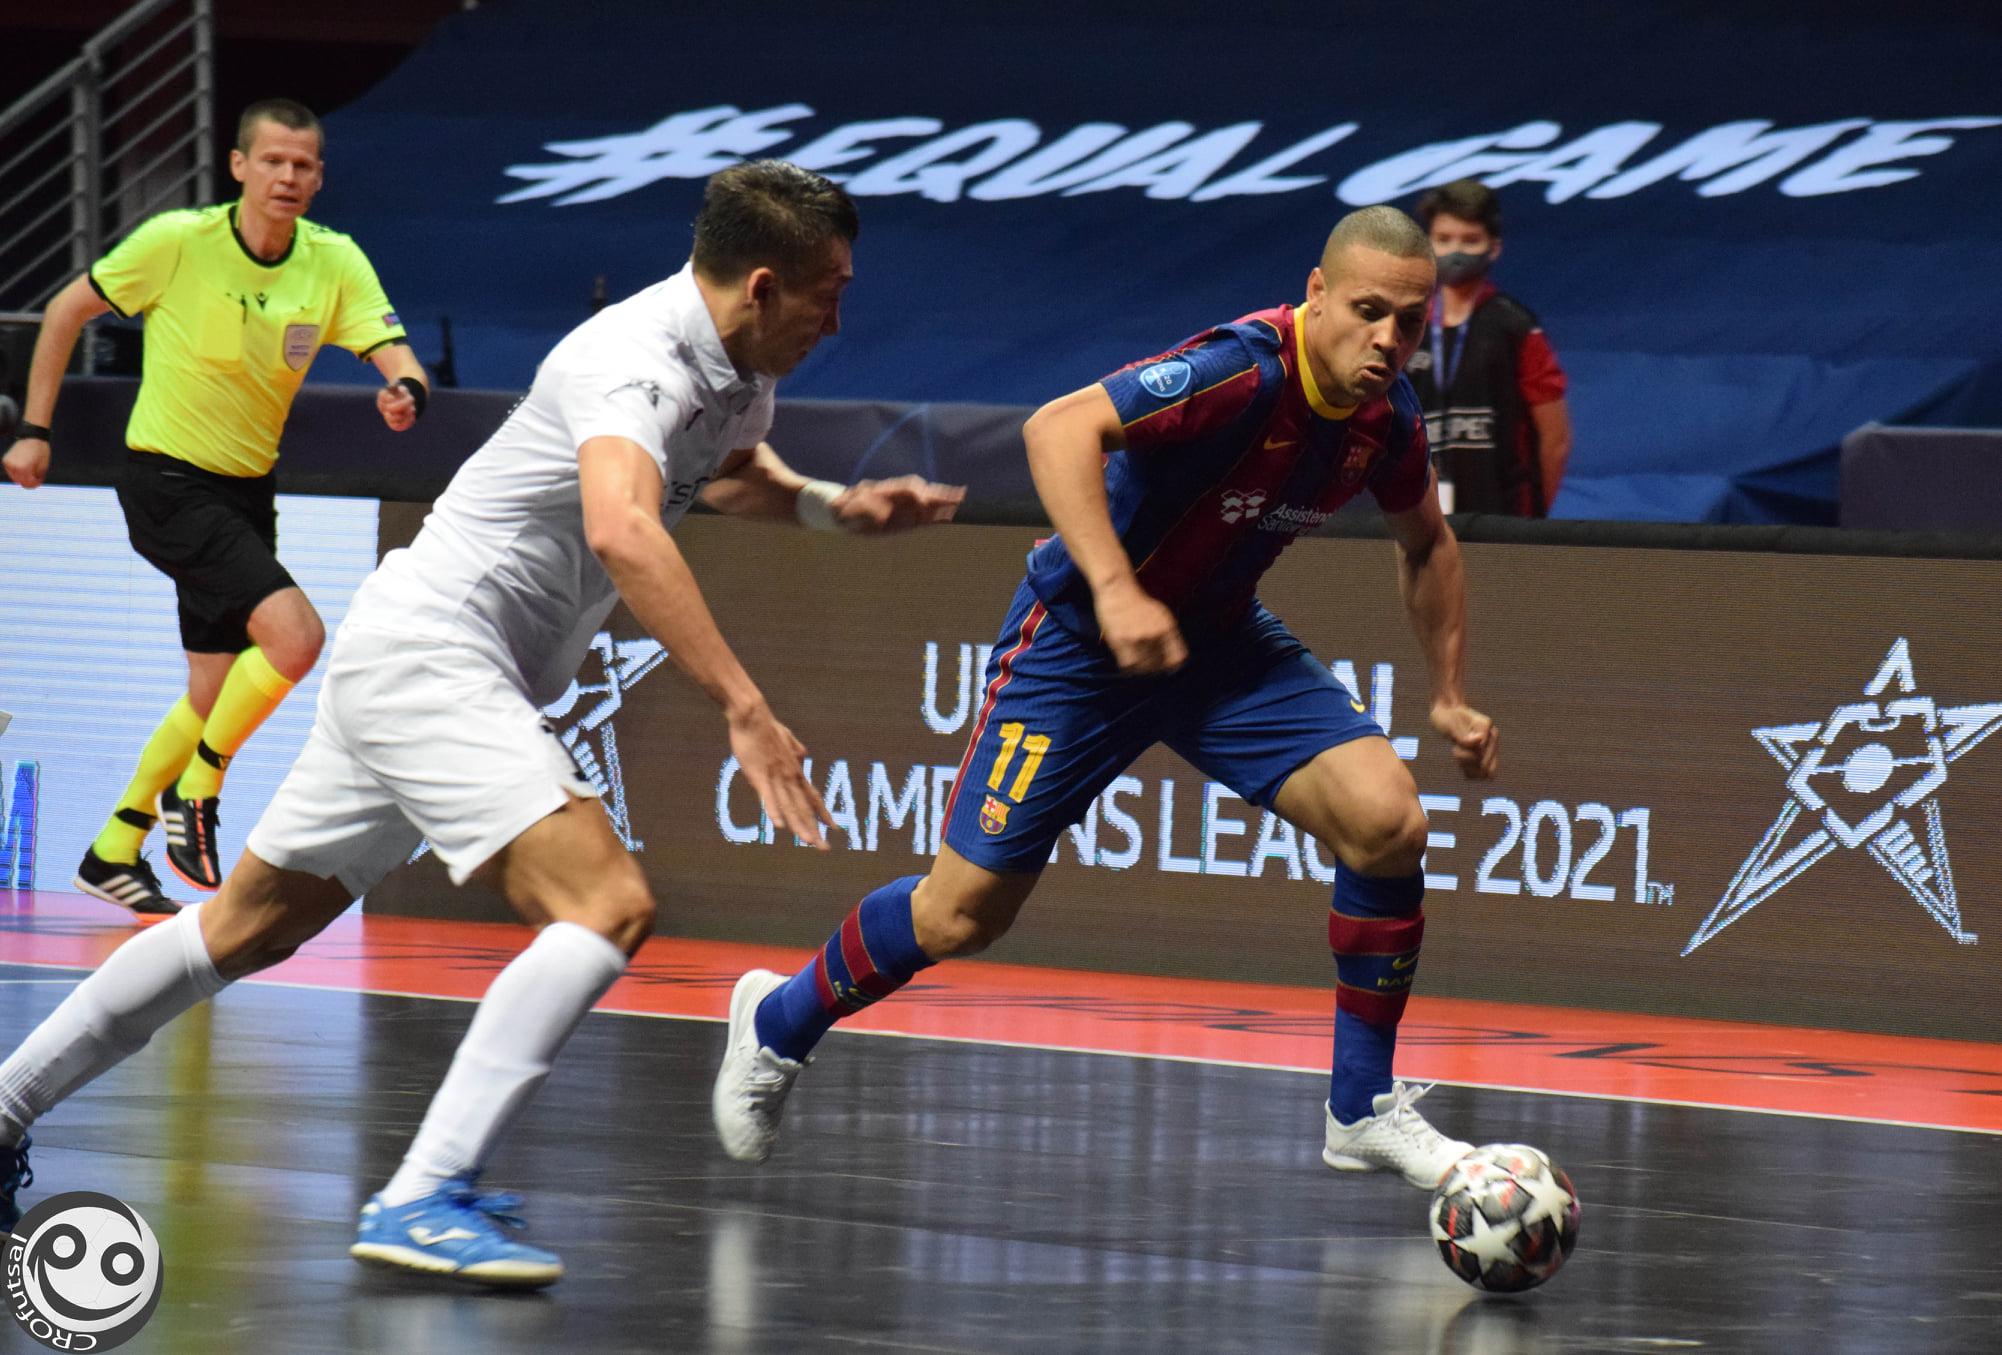 Dva članska kluba u finalu lige prvaka